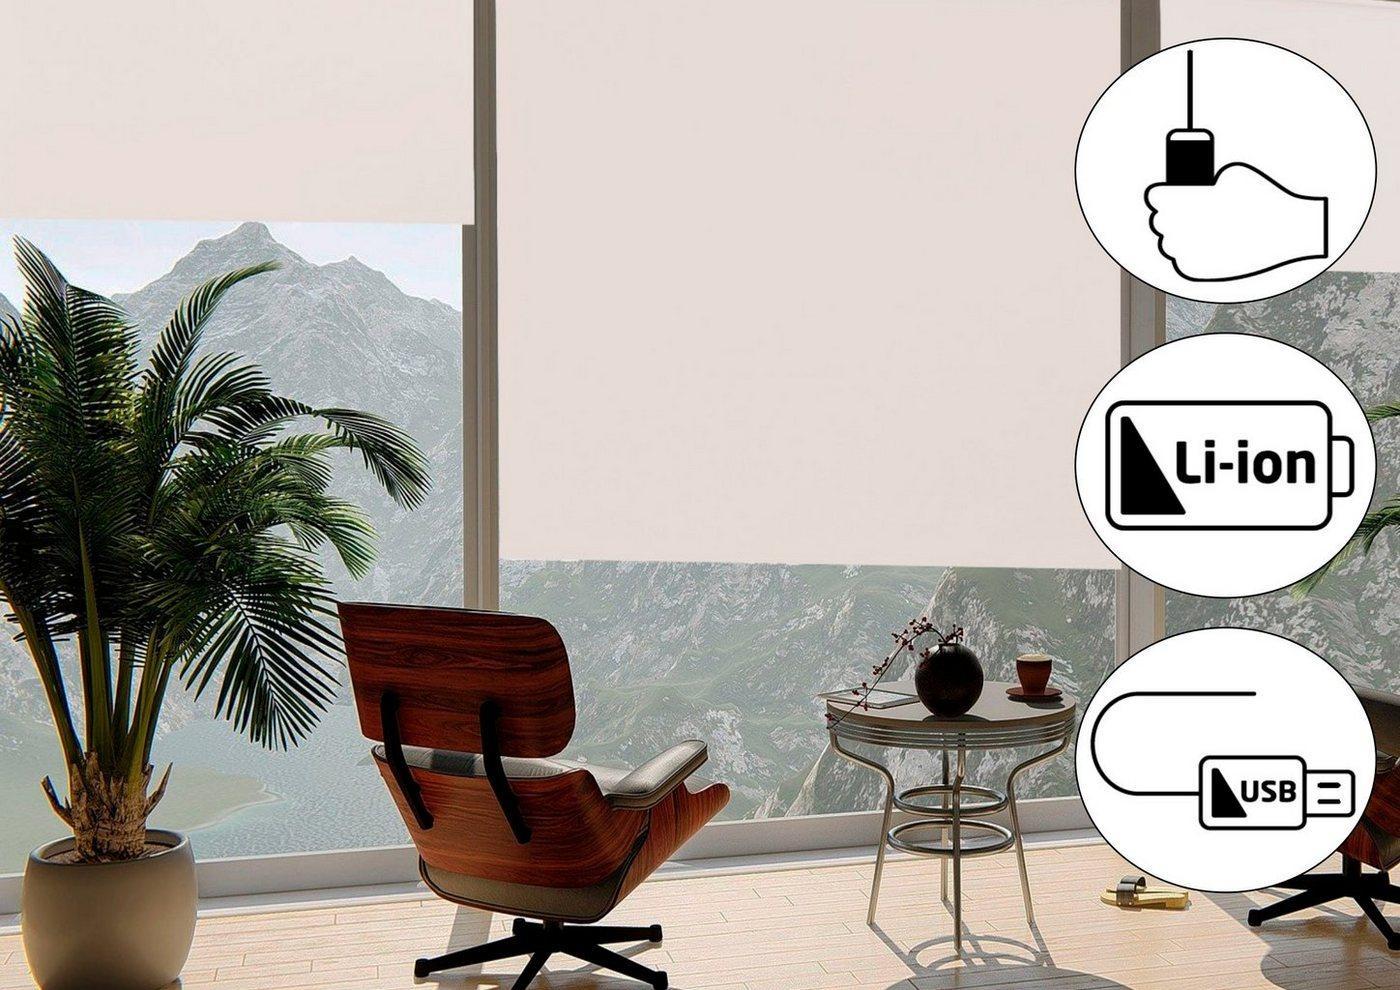 Seitenzugrollo »Classic Style Akku-Rollo«, sunlines, verdunkelnd, freihängend, Made in Germany, weiß